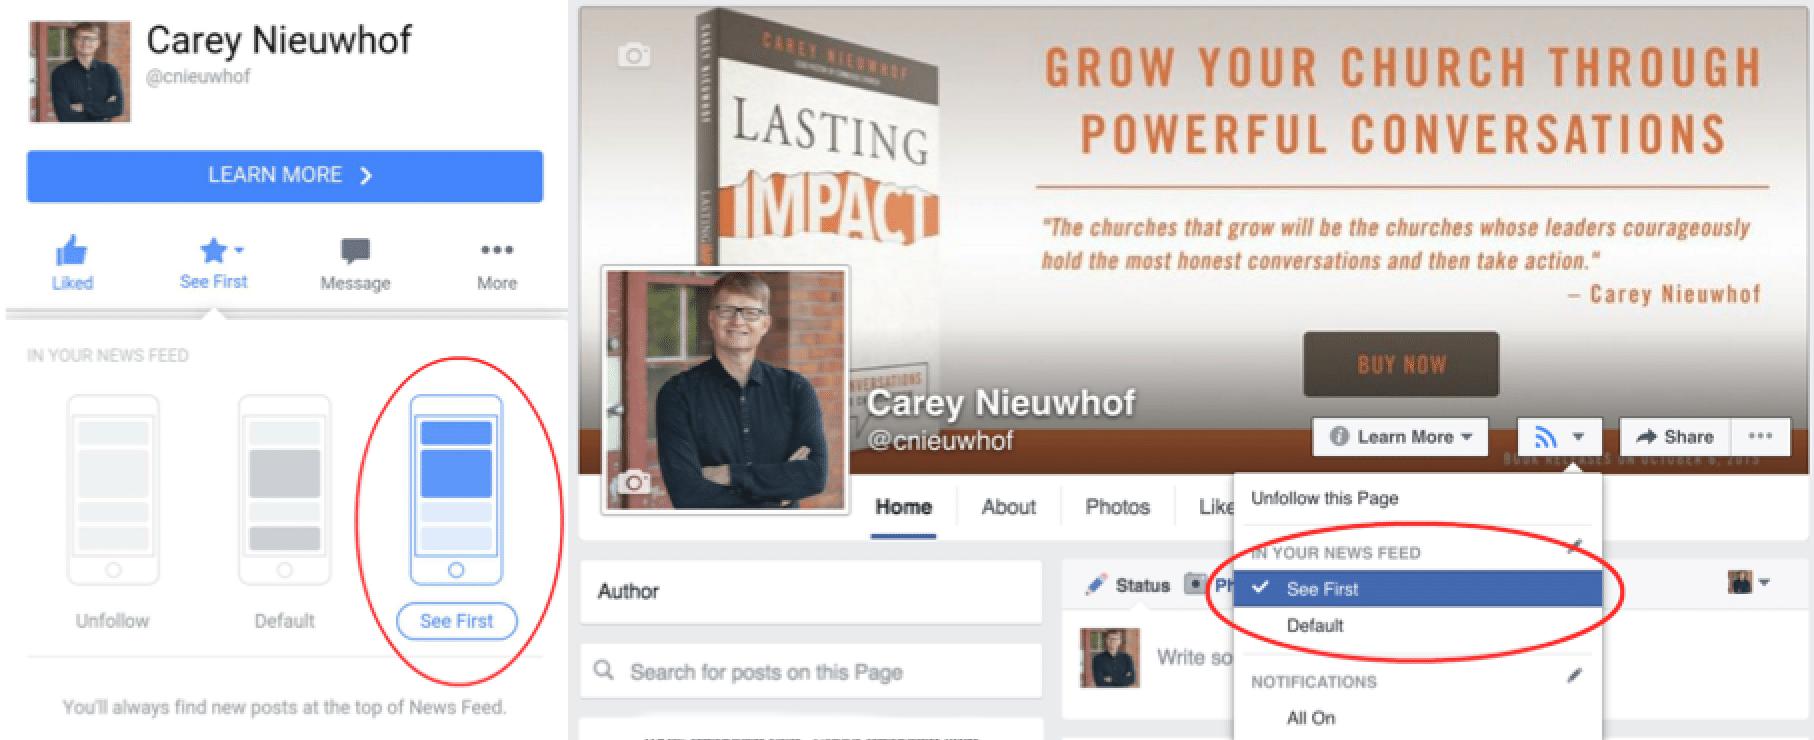 Carey_Nieuwhof_Facebook